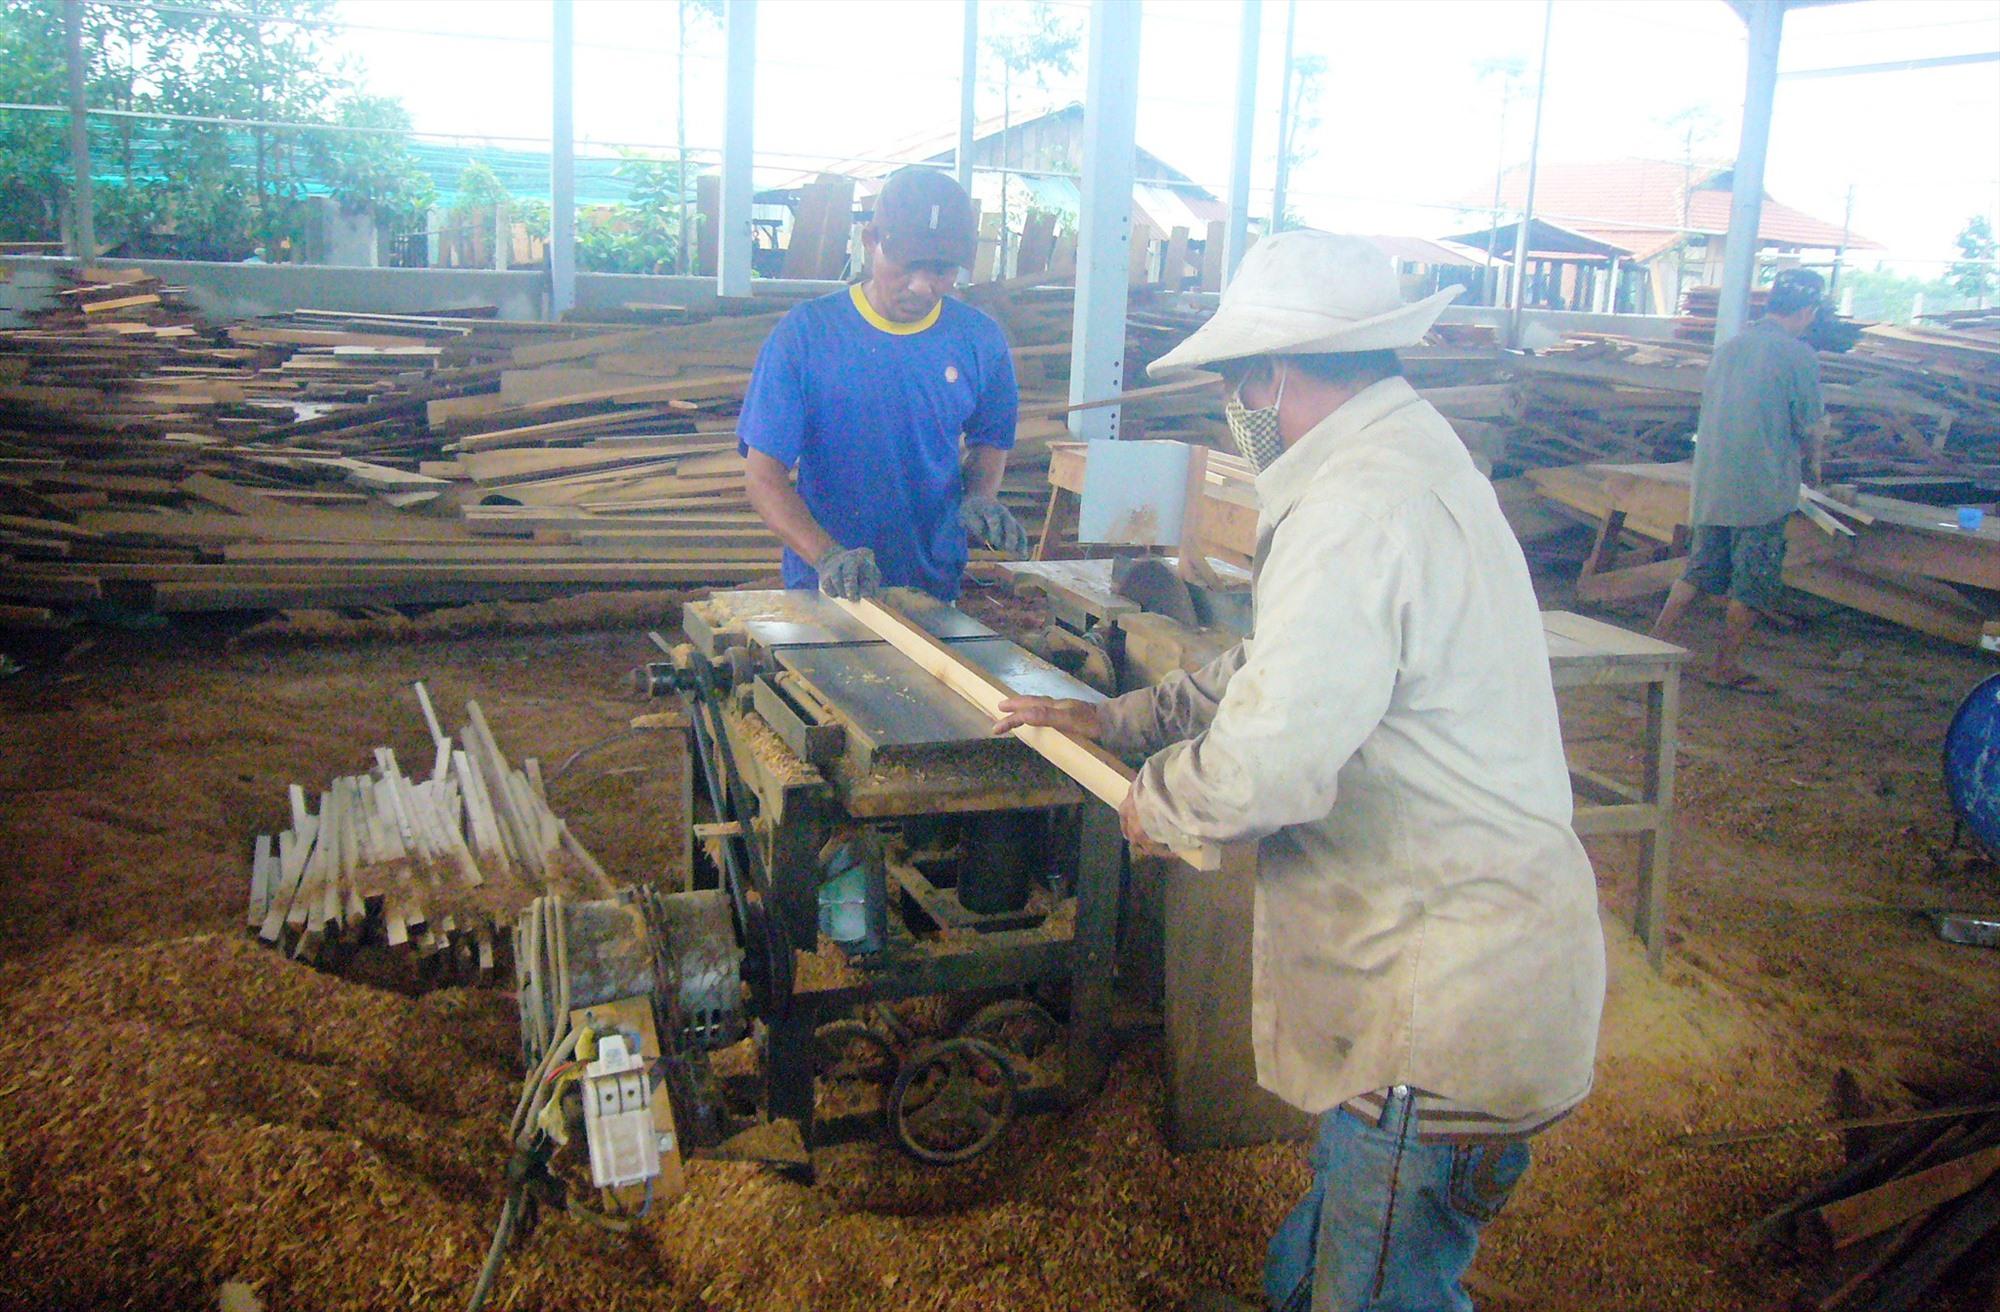 Các cơ sở chế biến gỗ, mộc ở khu dân cư được di dời vào Cụm công nghiệp Thanh Hà. Ảnh: Đ.H